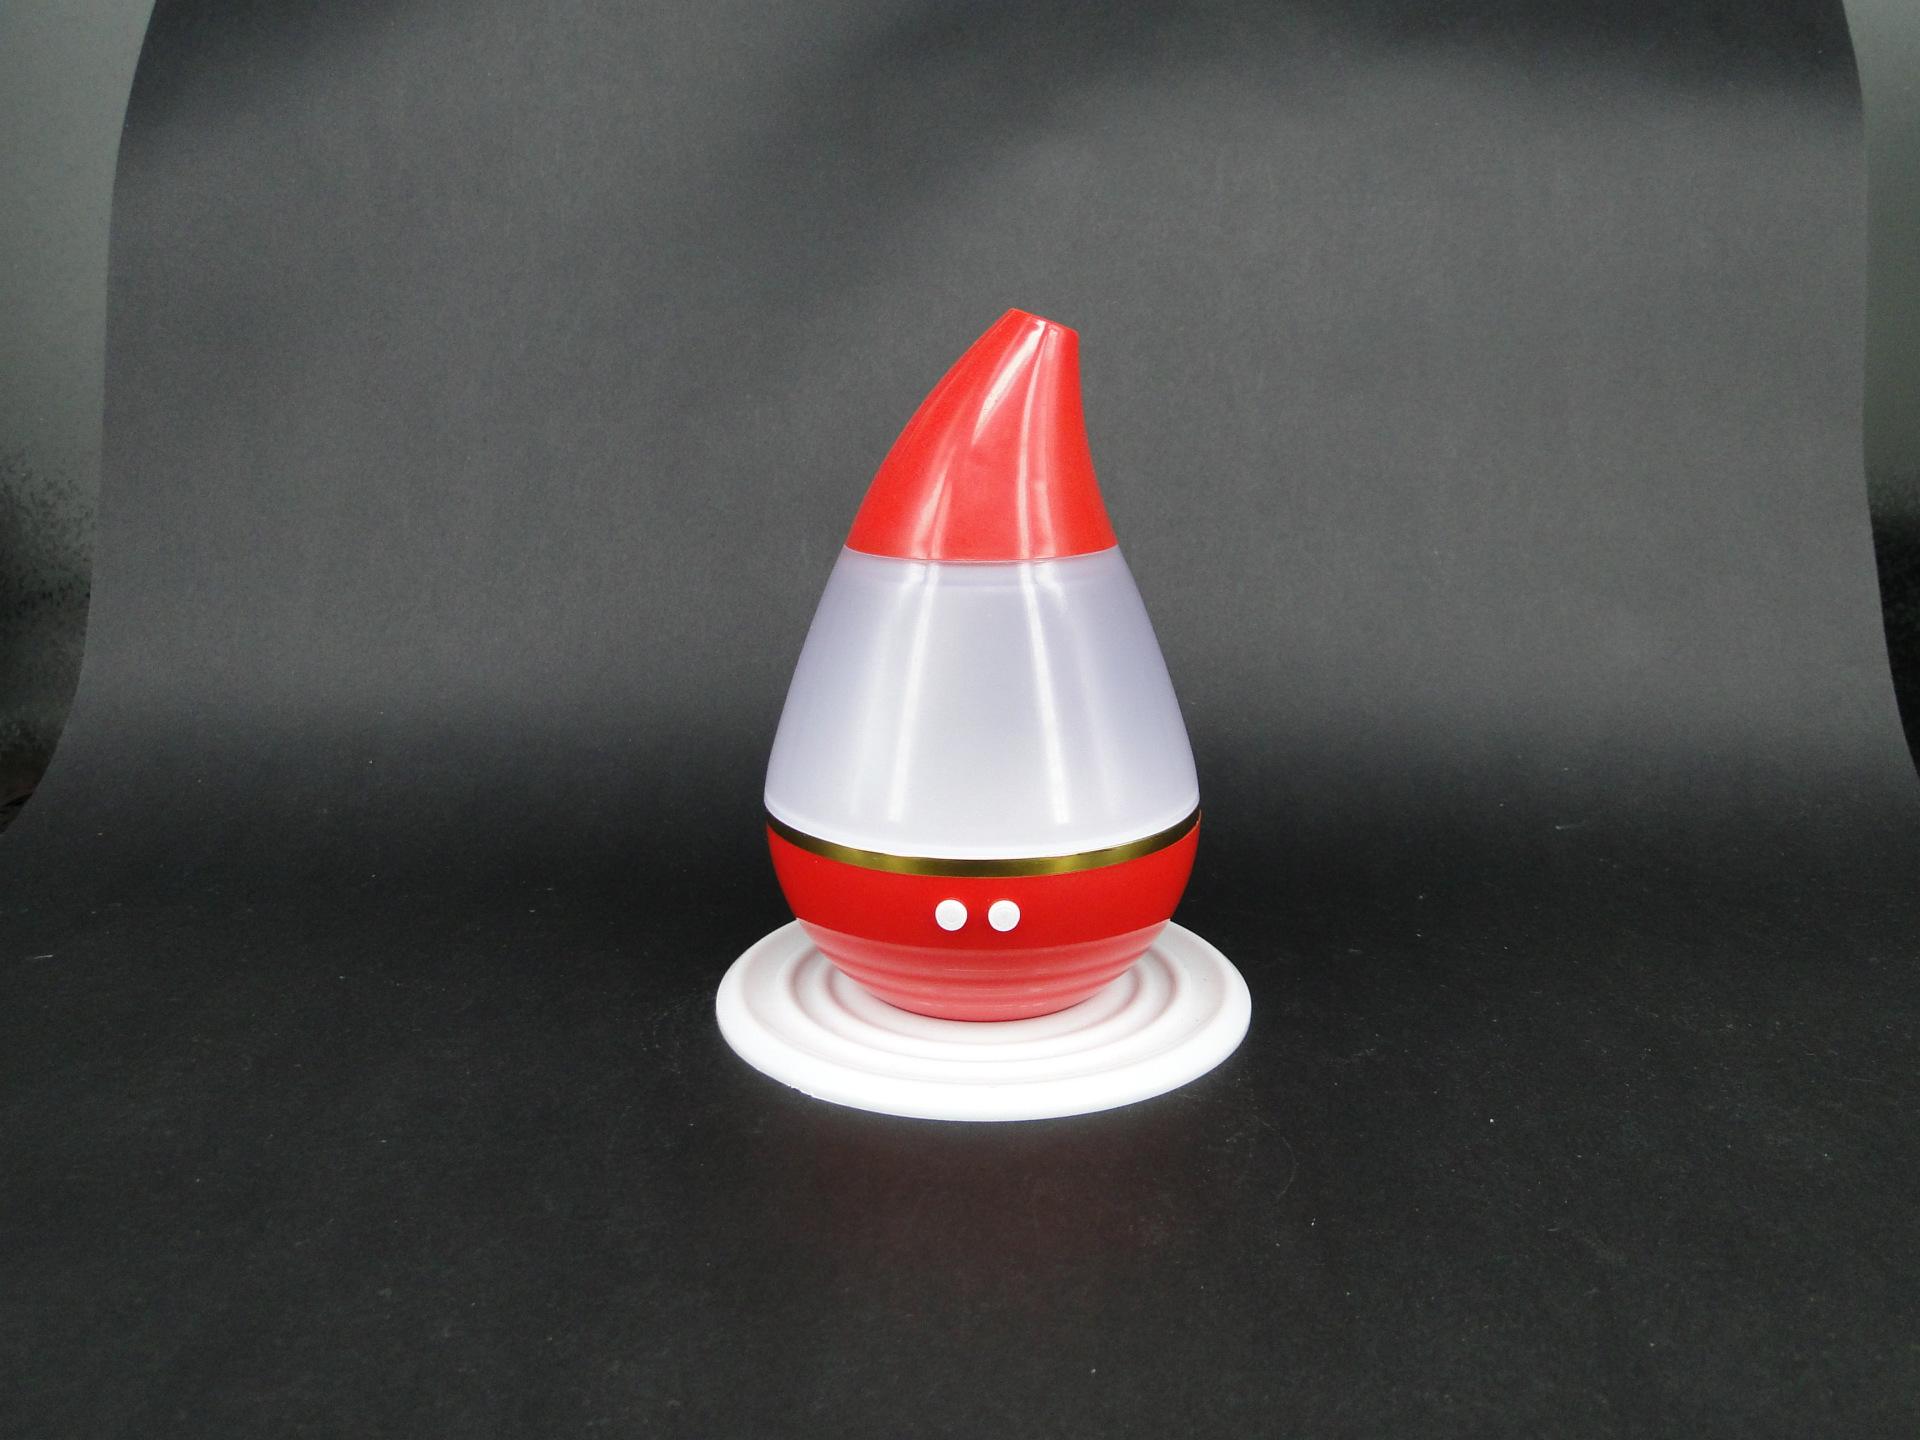 Máy tạo độ ẩm mini nhỏ gọn  kiêm đèn ngủ giúp căn phòng trở nên lung linh -giao màu ngẫu nhiên-kèm tặng giá đỡ điện thoại gấp gọn lúc sạc